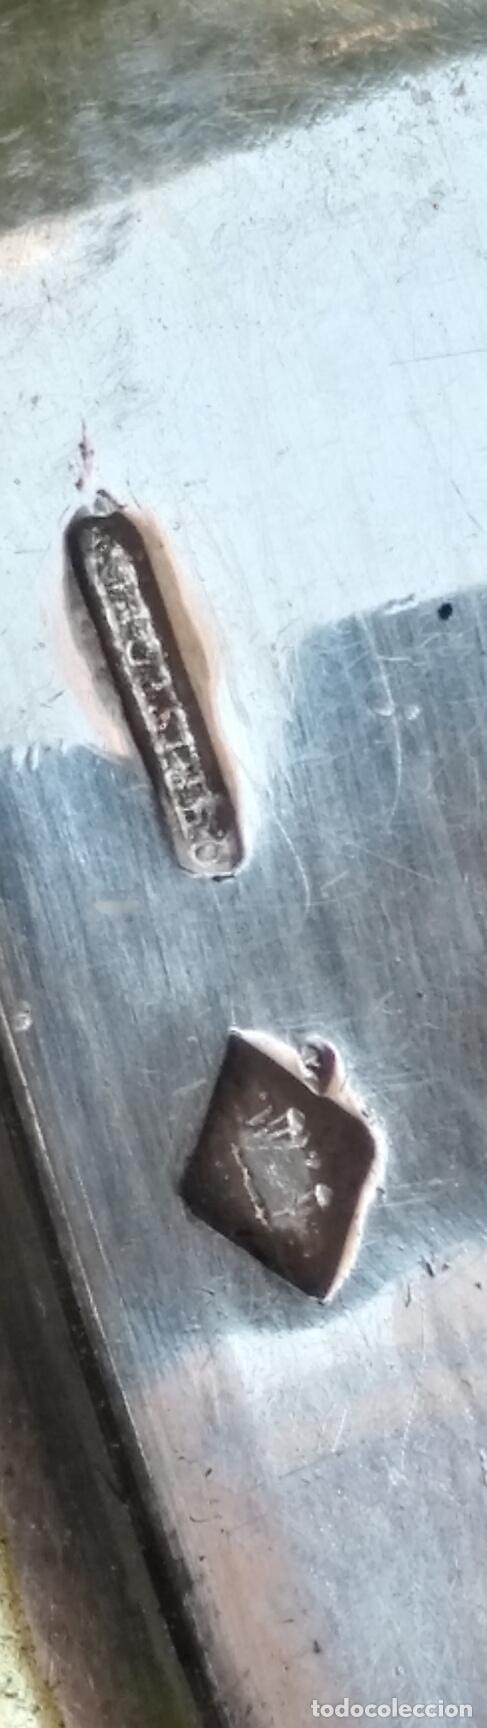 Antigüedades: ANTIGUA MOHARRA O ESTANDARTE PROCESIONAL terminal banderao cruz bronce baño plata sello contraste - Foto 2 - 127655659